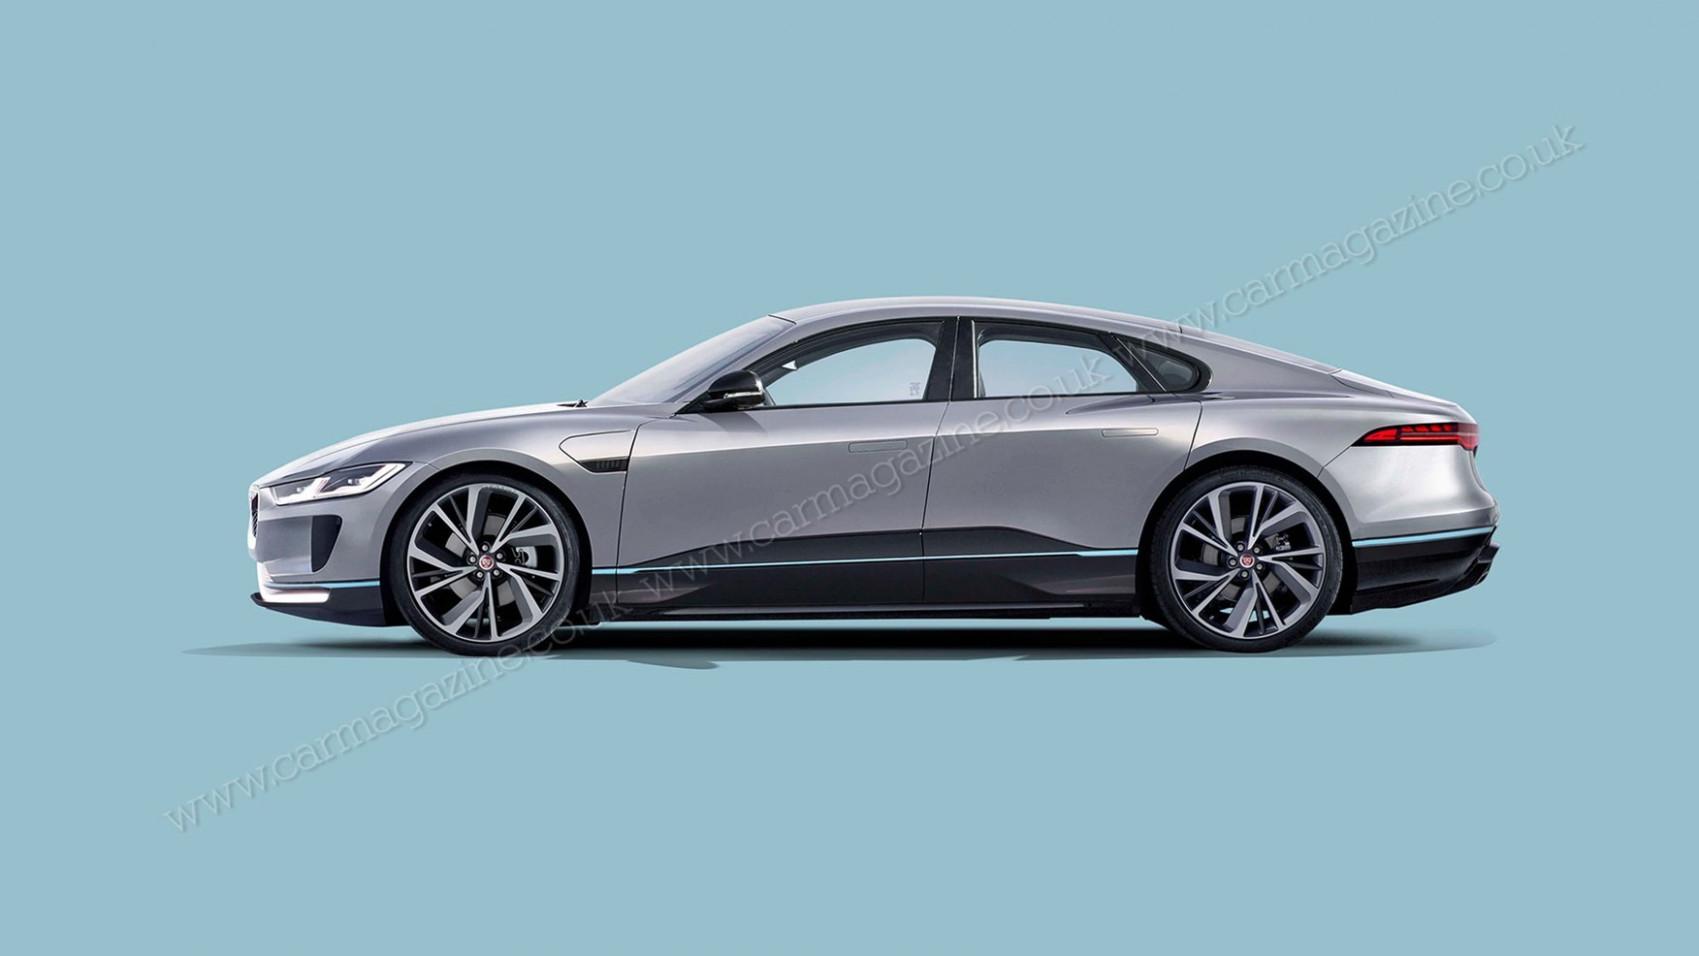 New Review 2022 Jaguar Xj Images